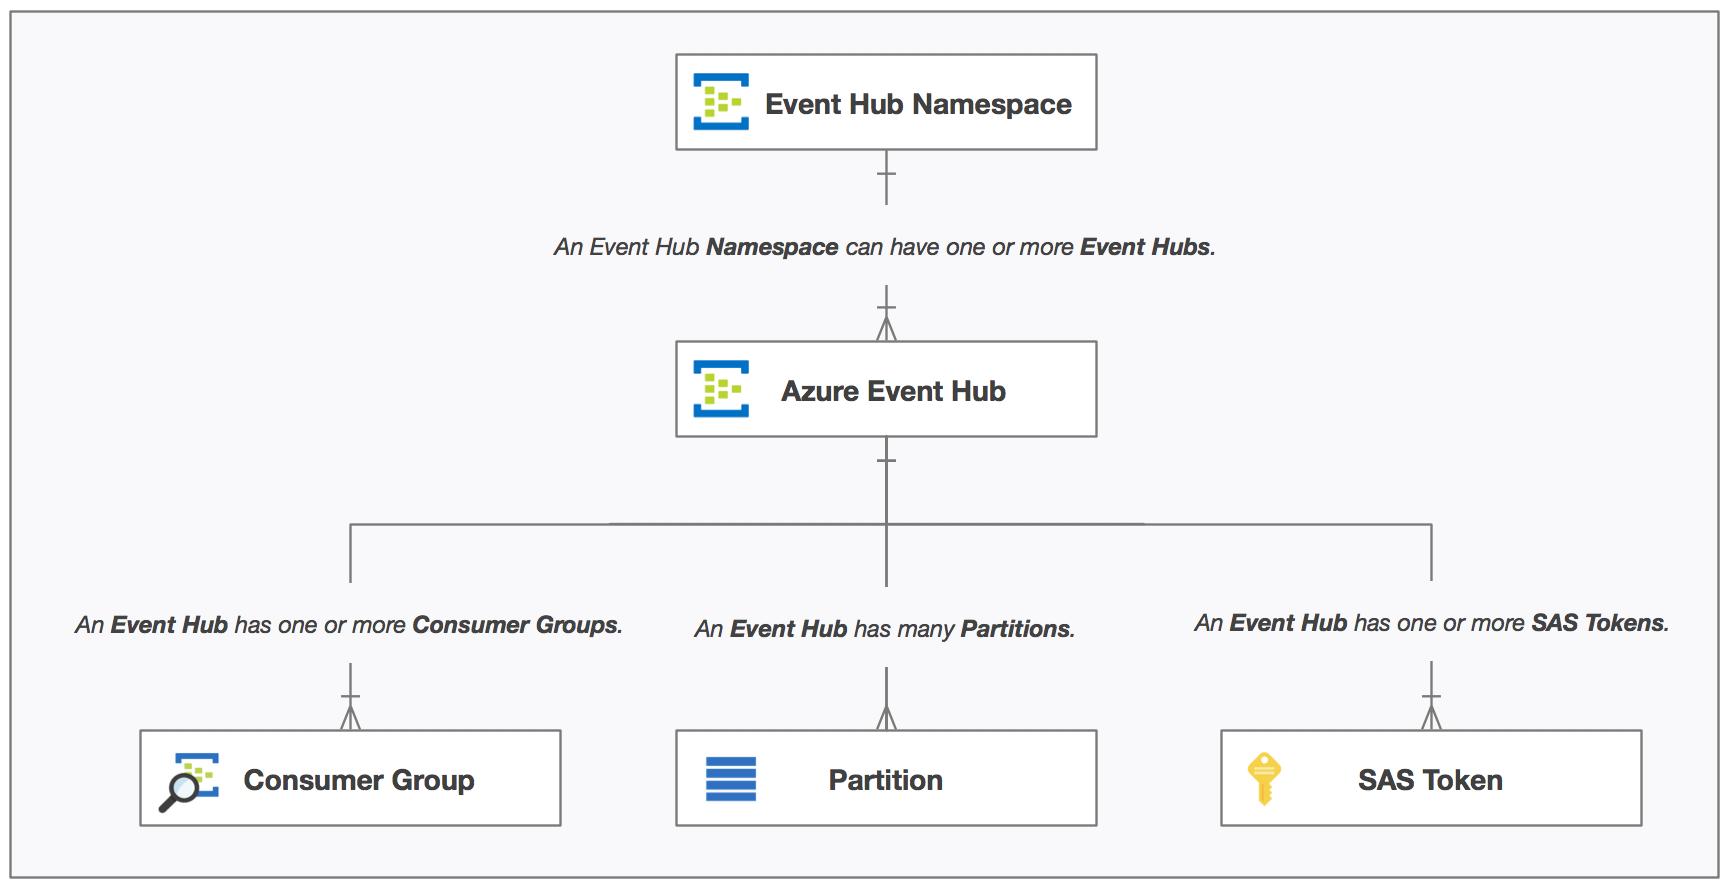 azure_event_hub_relationships.png